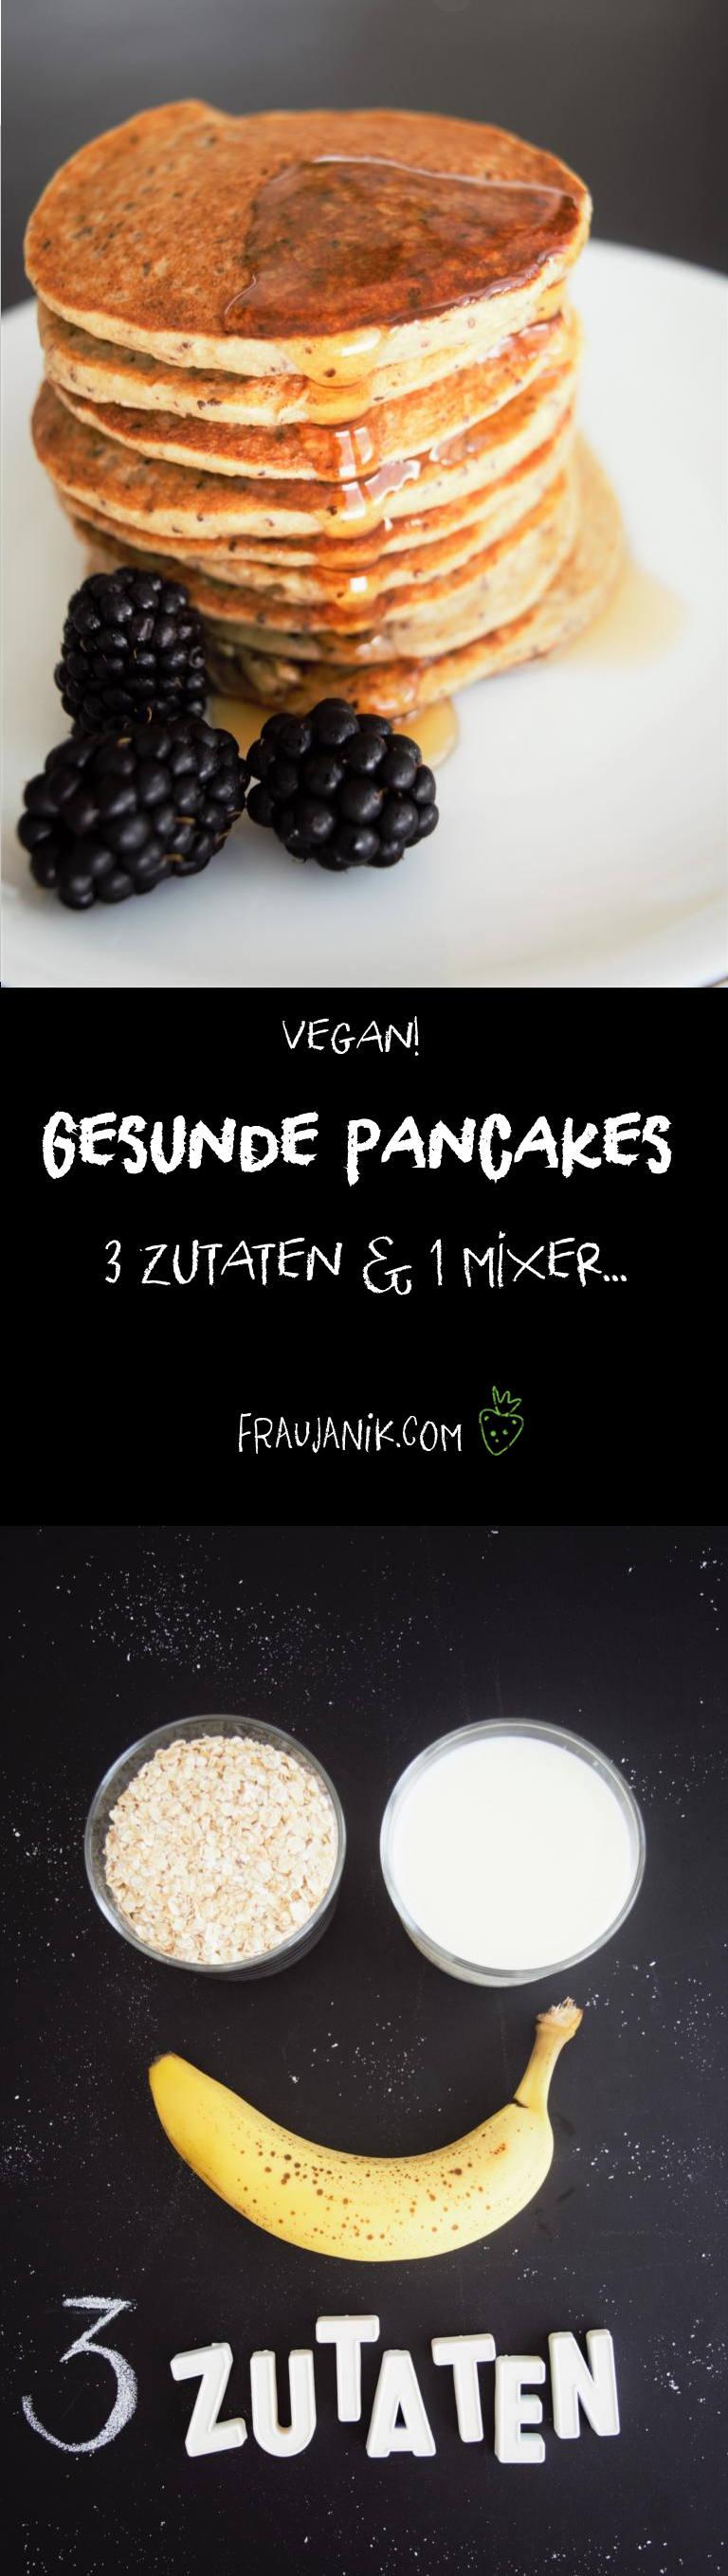 gesunde pancakes ohne zucker 3 zutaten 1 mixer. Black Bedroom Furniture Sets. Home Design Ideas